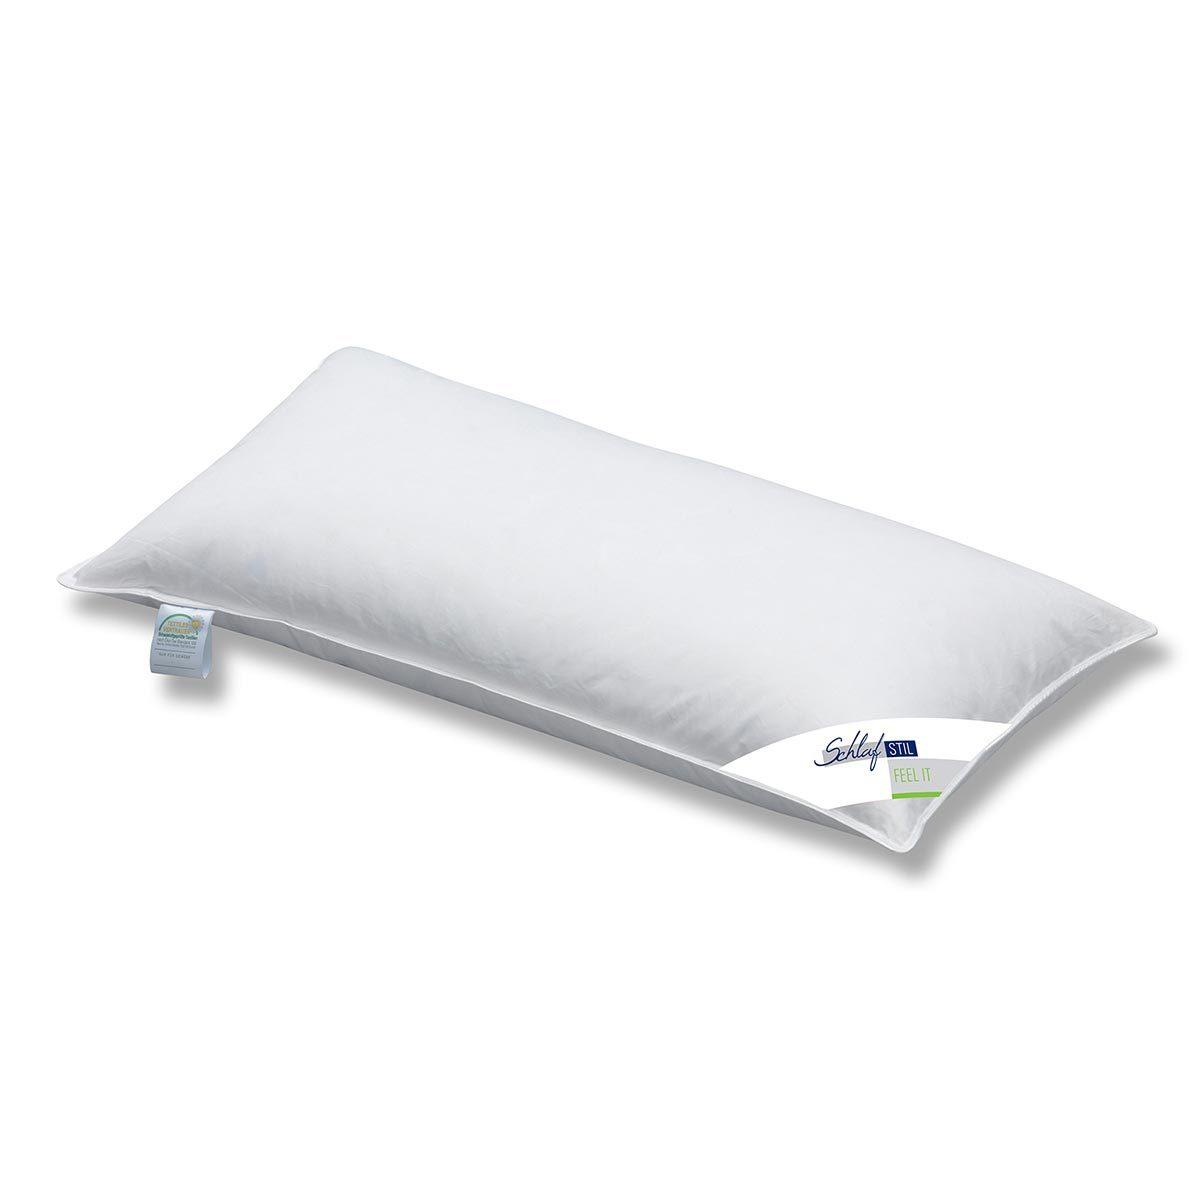 schlafstil feder kopfkissen relax it mittel g nstig online kaufen bei bettwaren shop. Black Bedroom Furniture Sets. Home Design Ideas